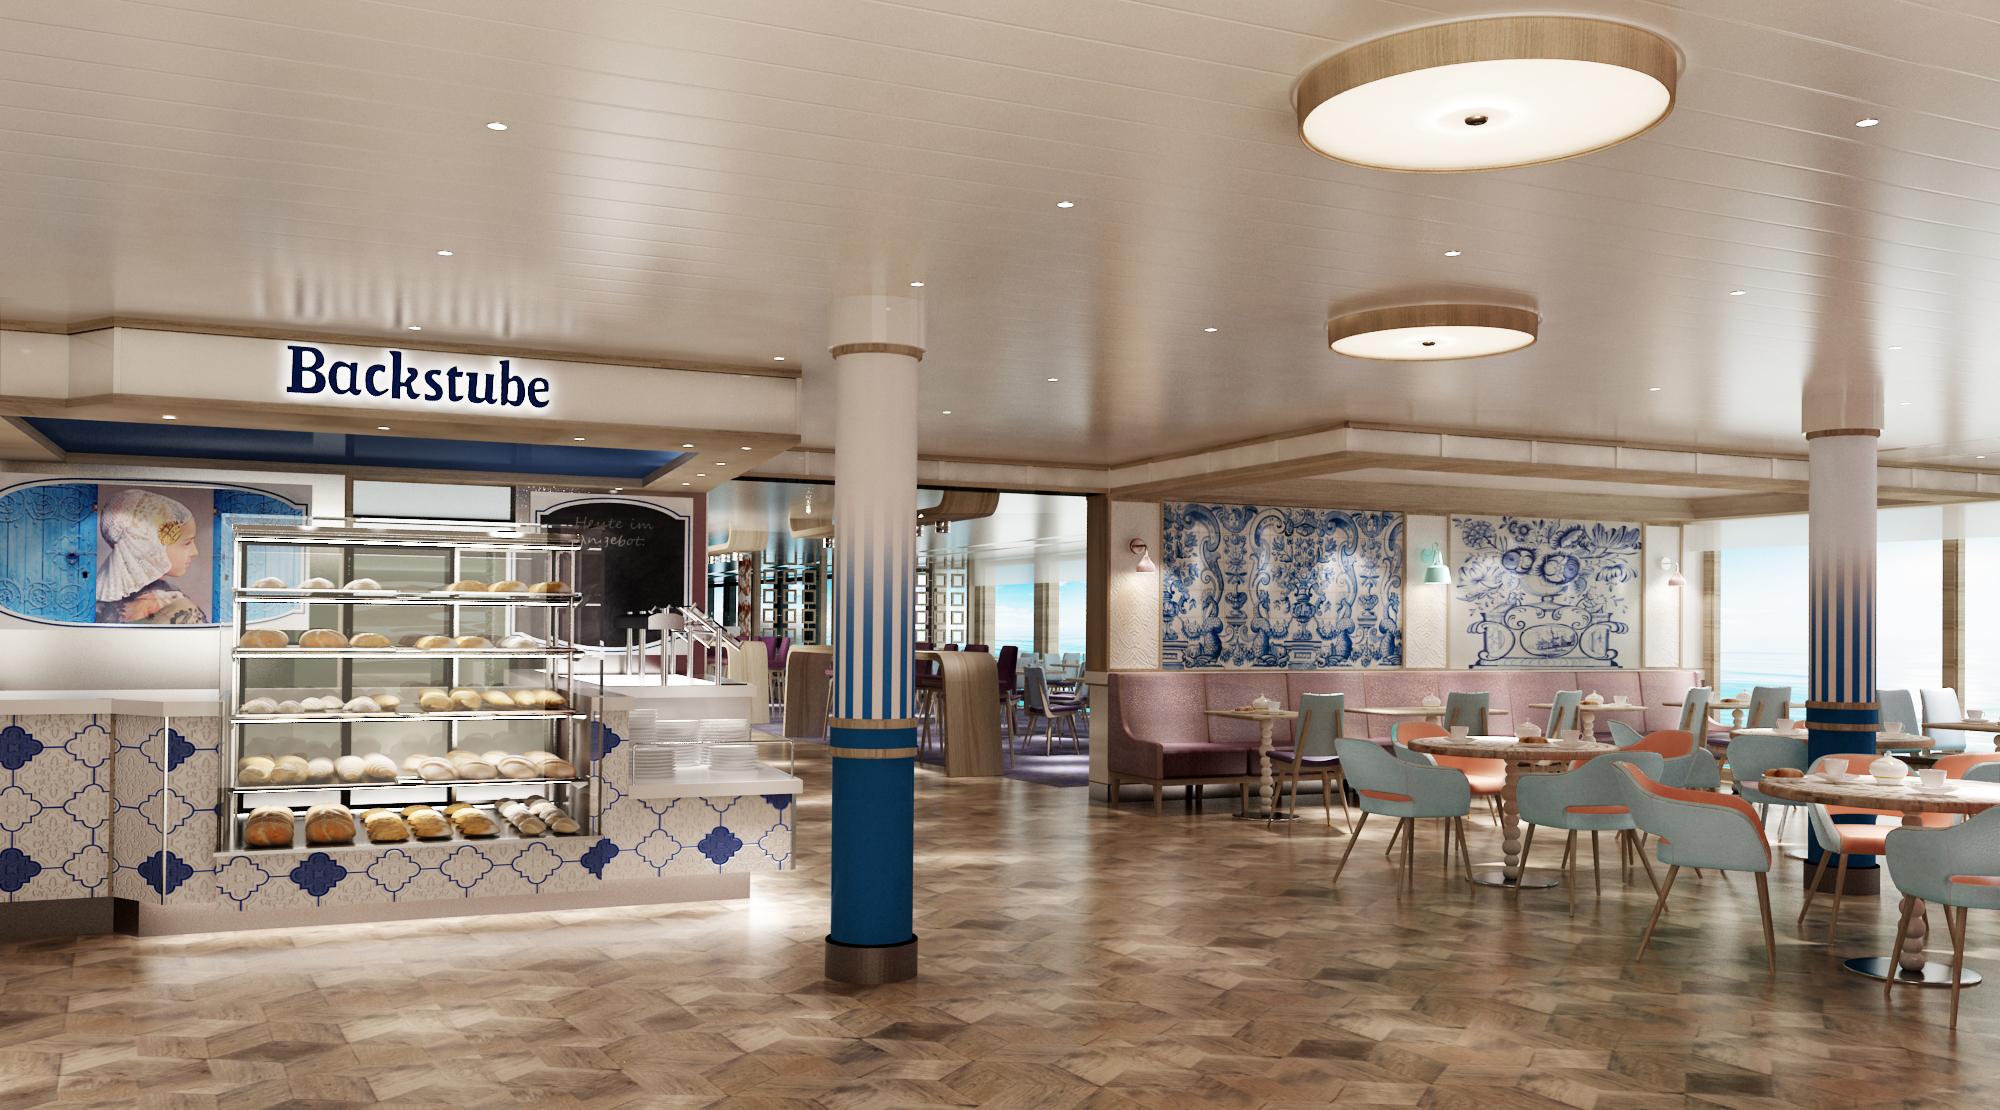 Backstube im neuen Design auf der neuen Mein Schiff 1 (c)TUI Cruises